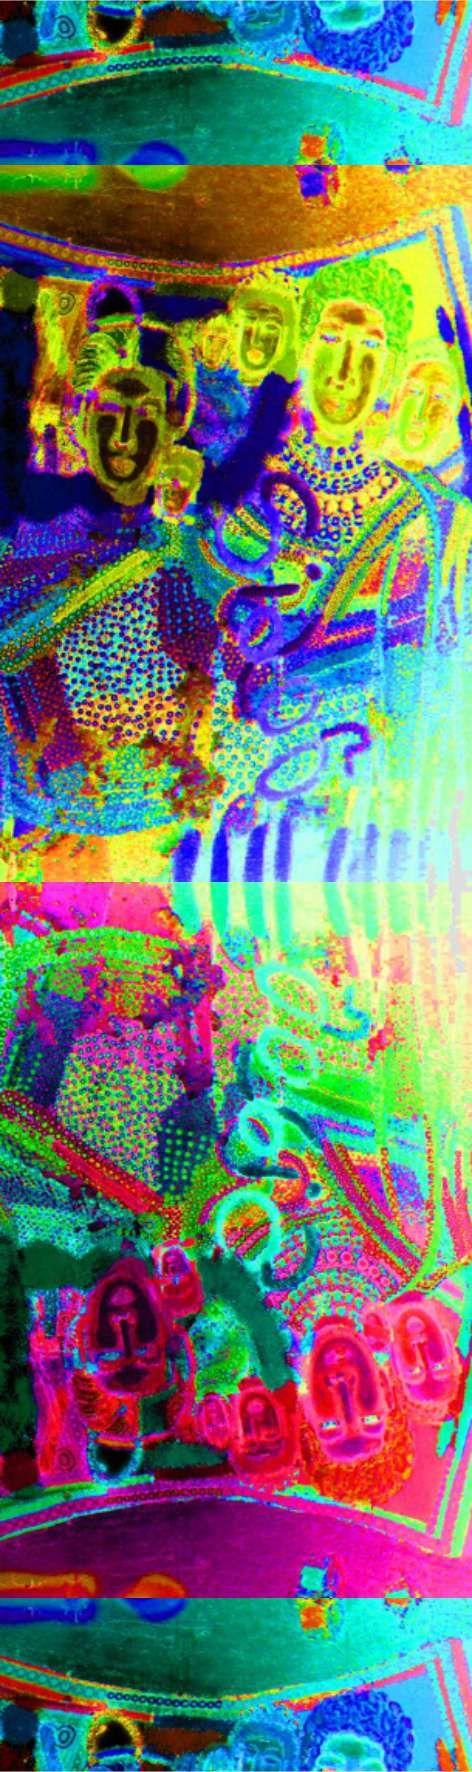 le 25 migliori idee su pittura sul vetro su pinterest